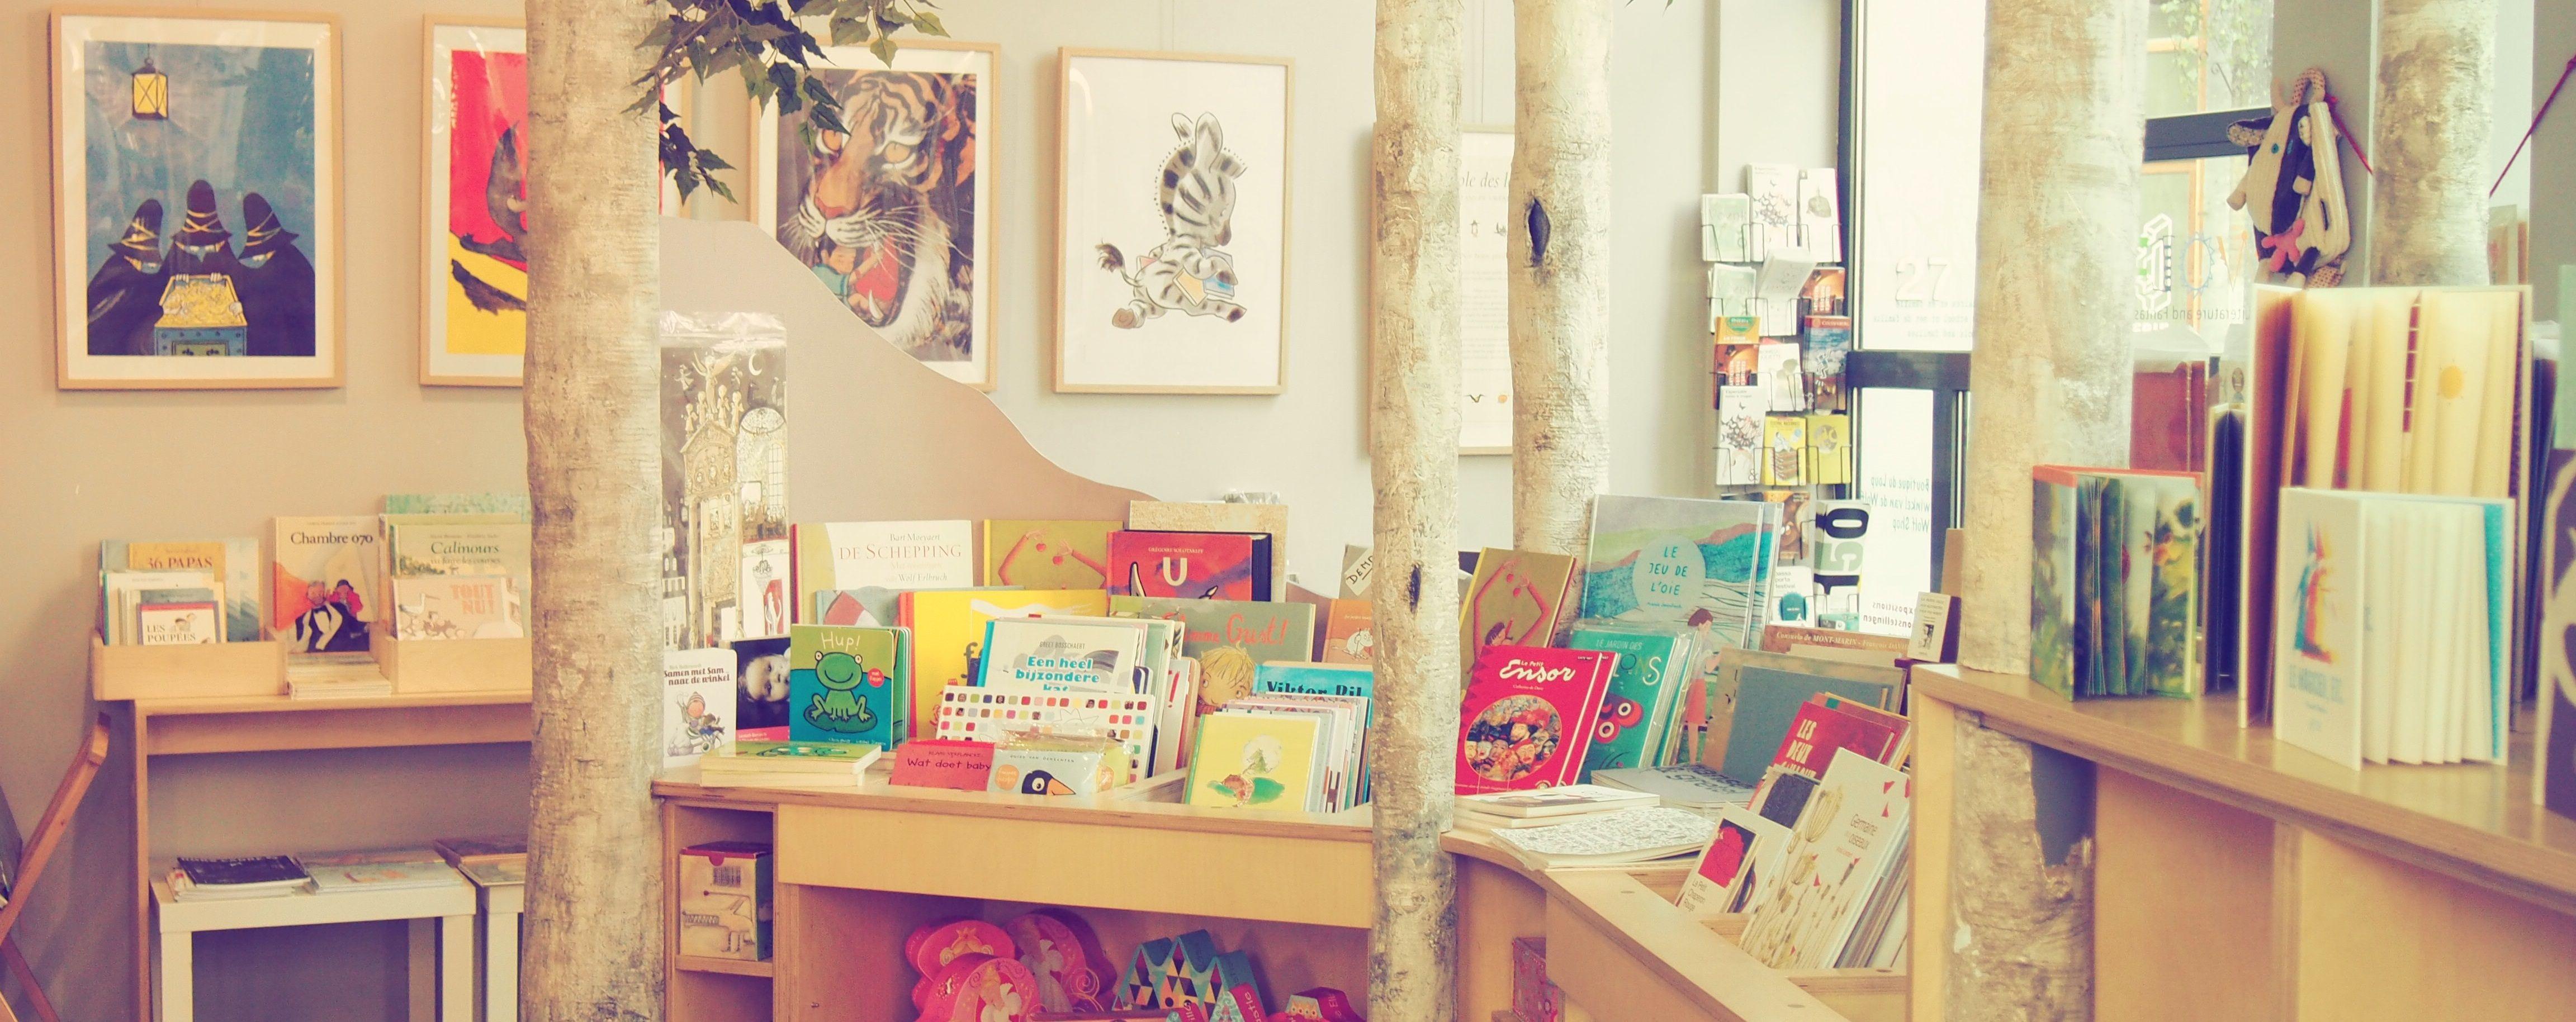 Une Matinee Au Royaume Des Livres Pour Enfants Le Wolf Kids Kid Friendly Brussel